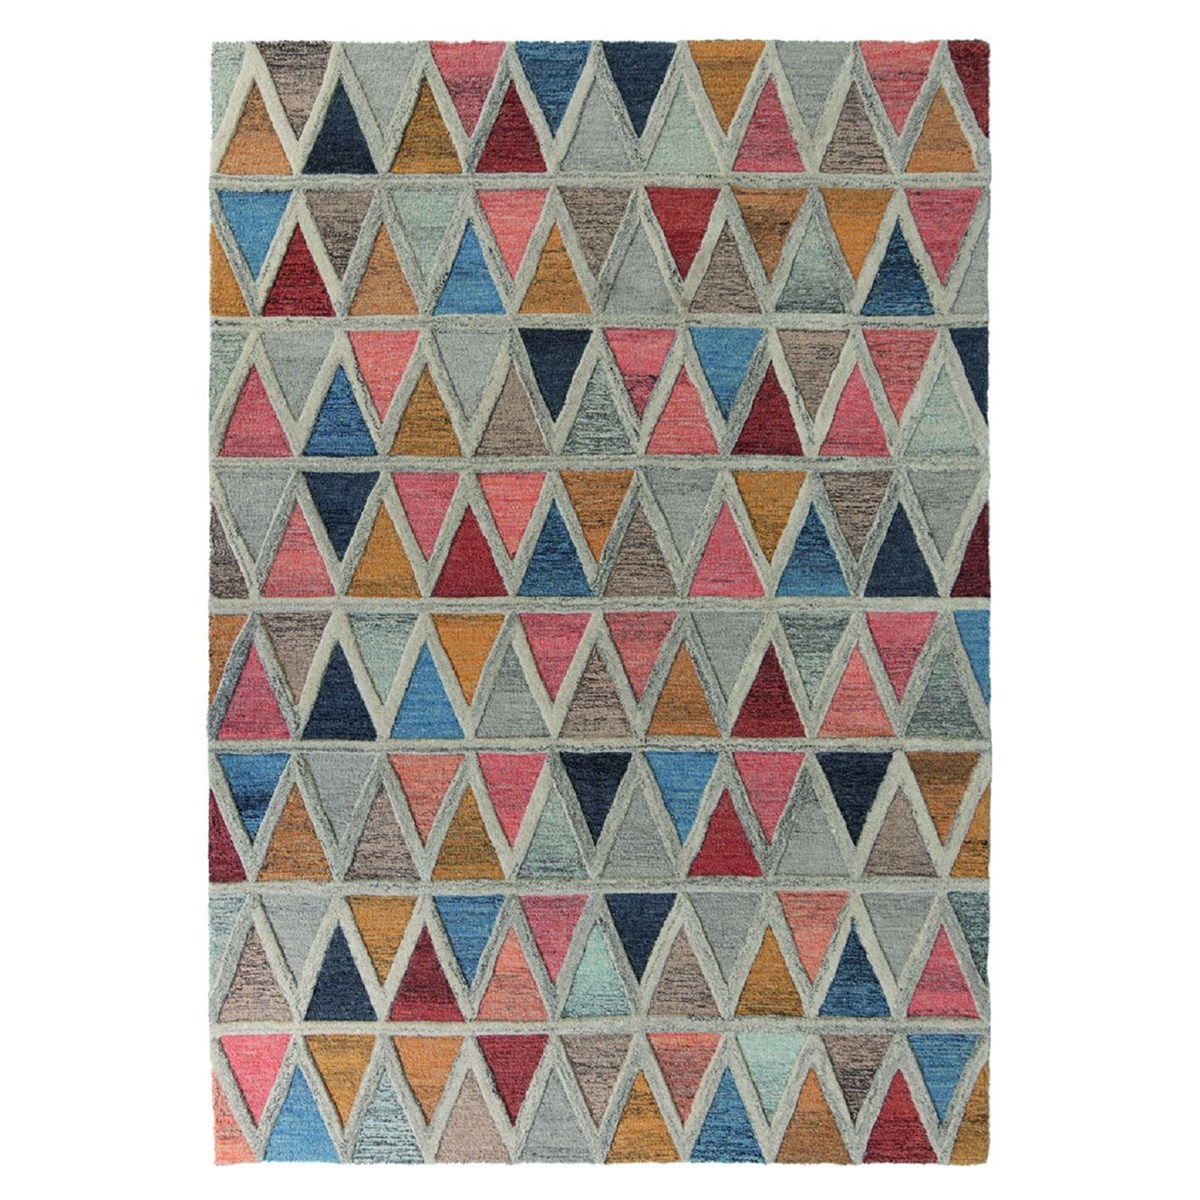 Tapis de salon moderne en Laine Multicolore 160x230 cm